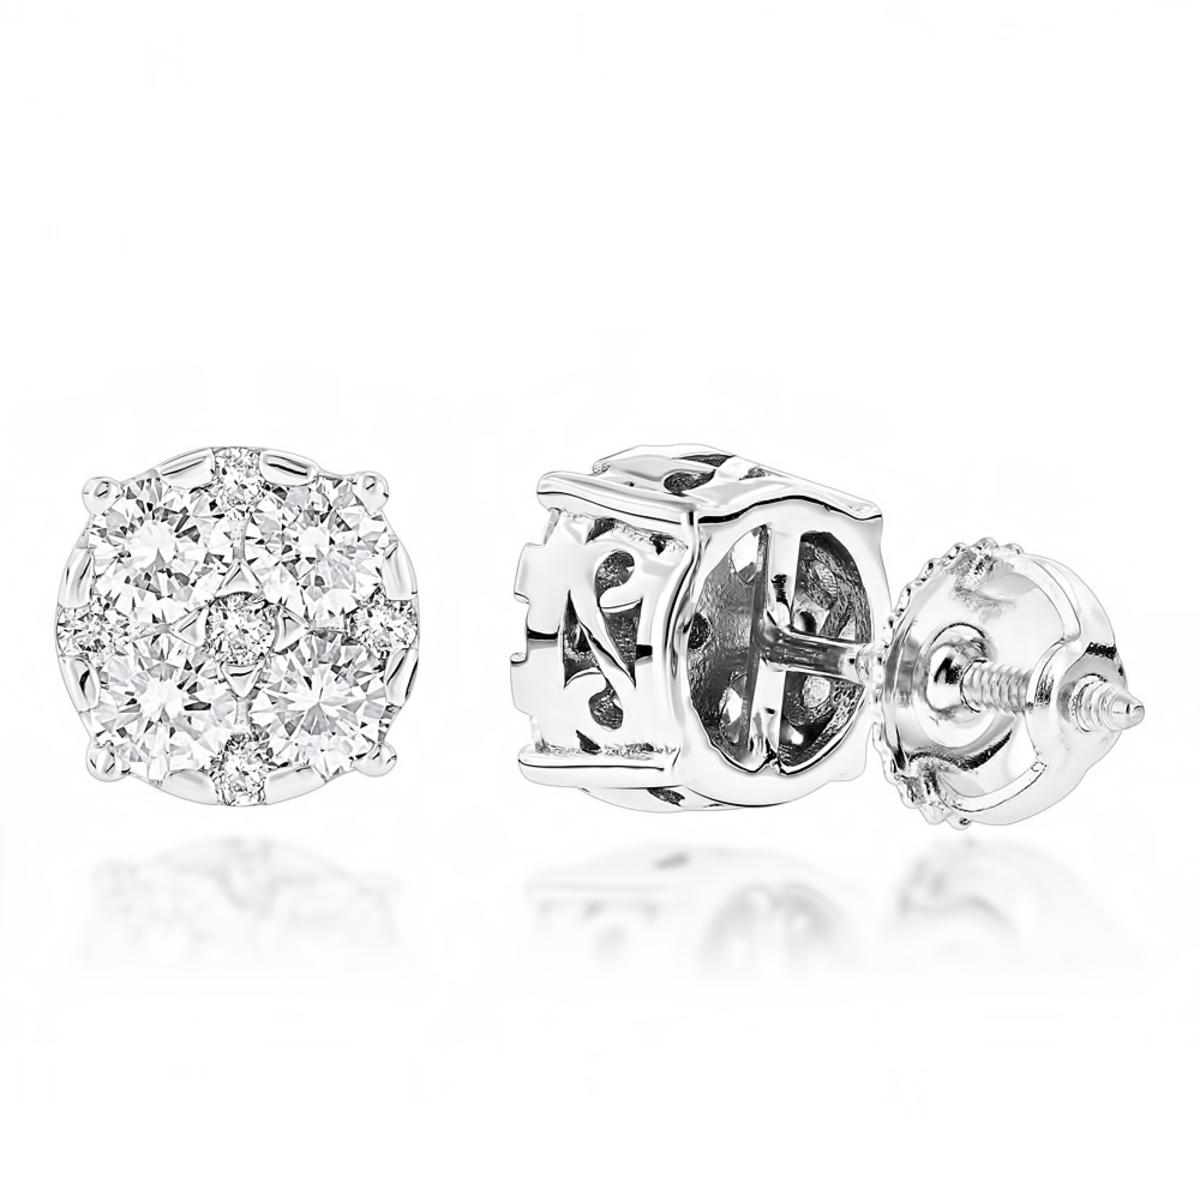 Designer Studs: Large Diamond Earrings 1.75ct 14K Gold